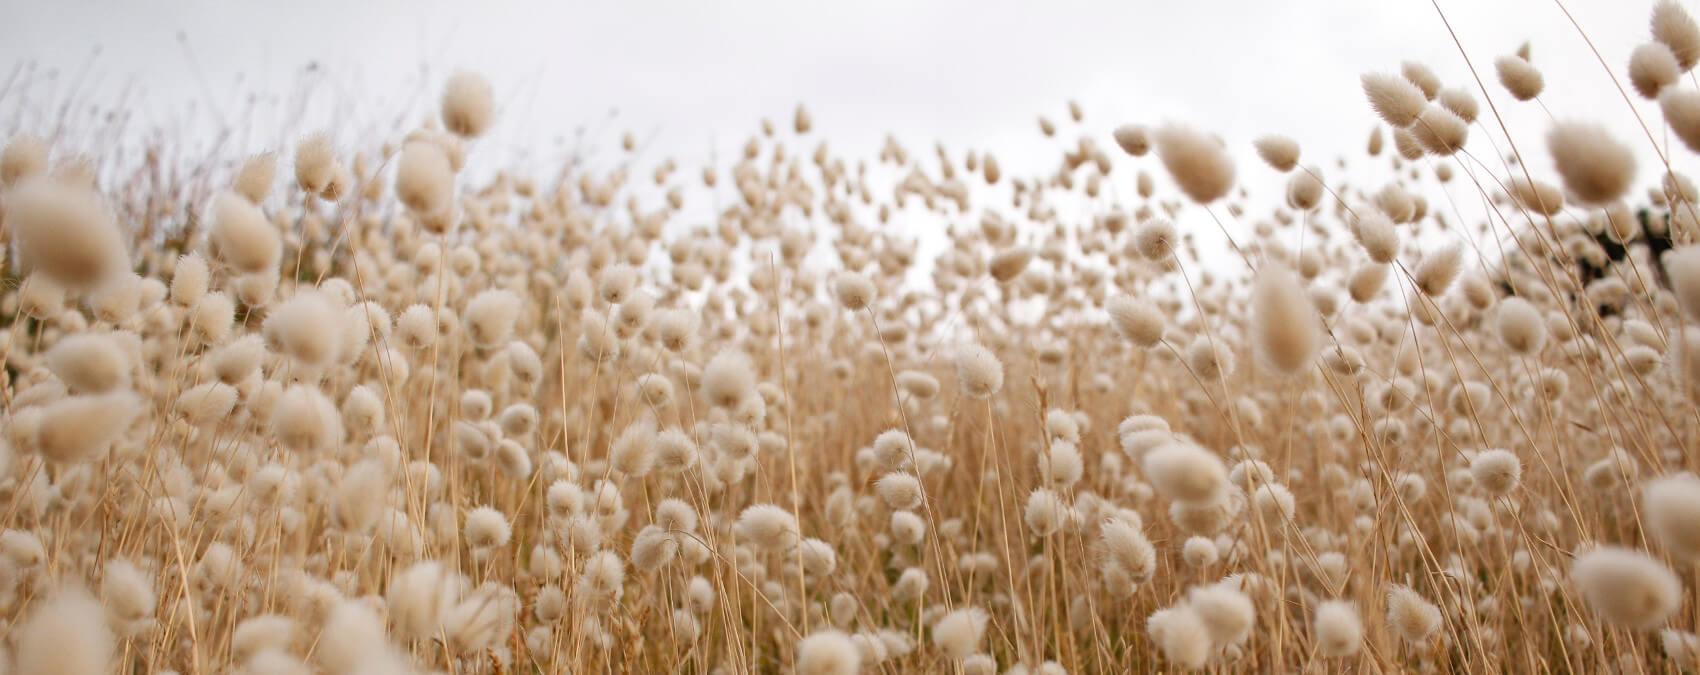 Aufnahme eines Baumwollfeldes